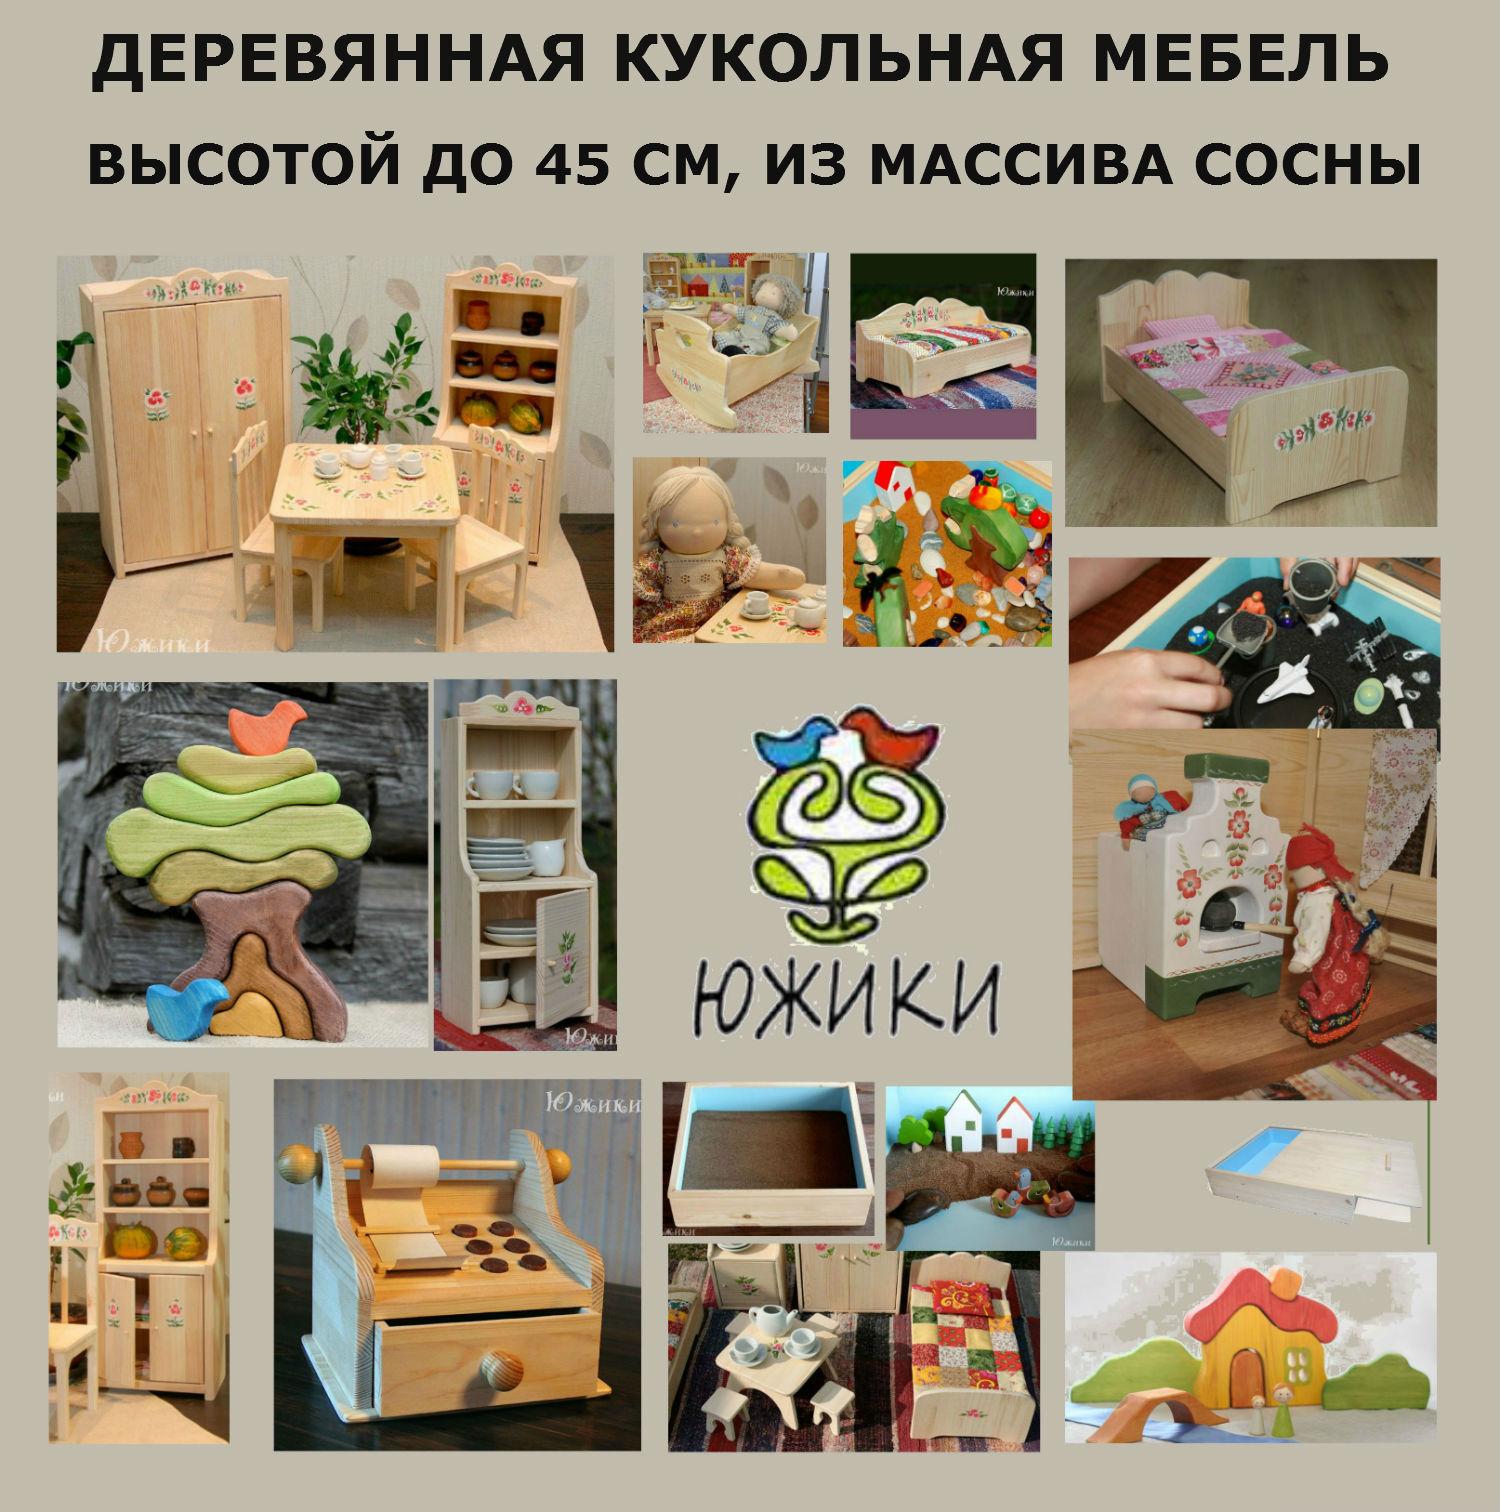 Сбор заказов. Южики. Добротная деревянная кукольная мебель высотой до 45 см! Из массива сосны, а не фанеры! Российский